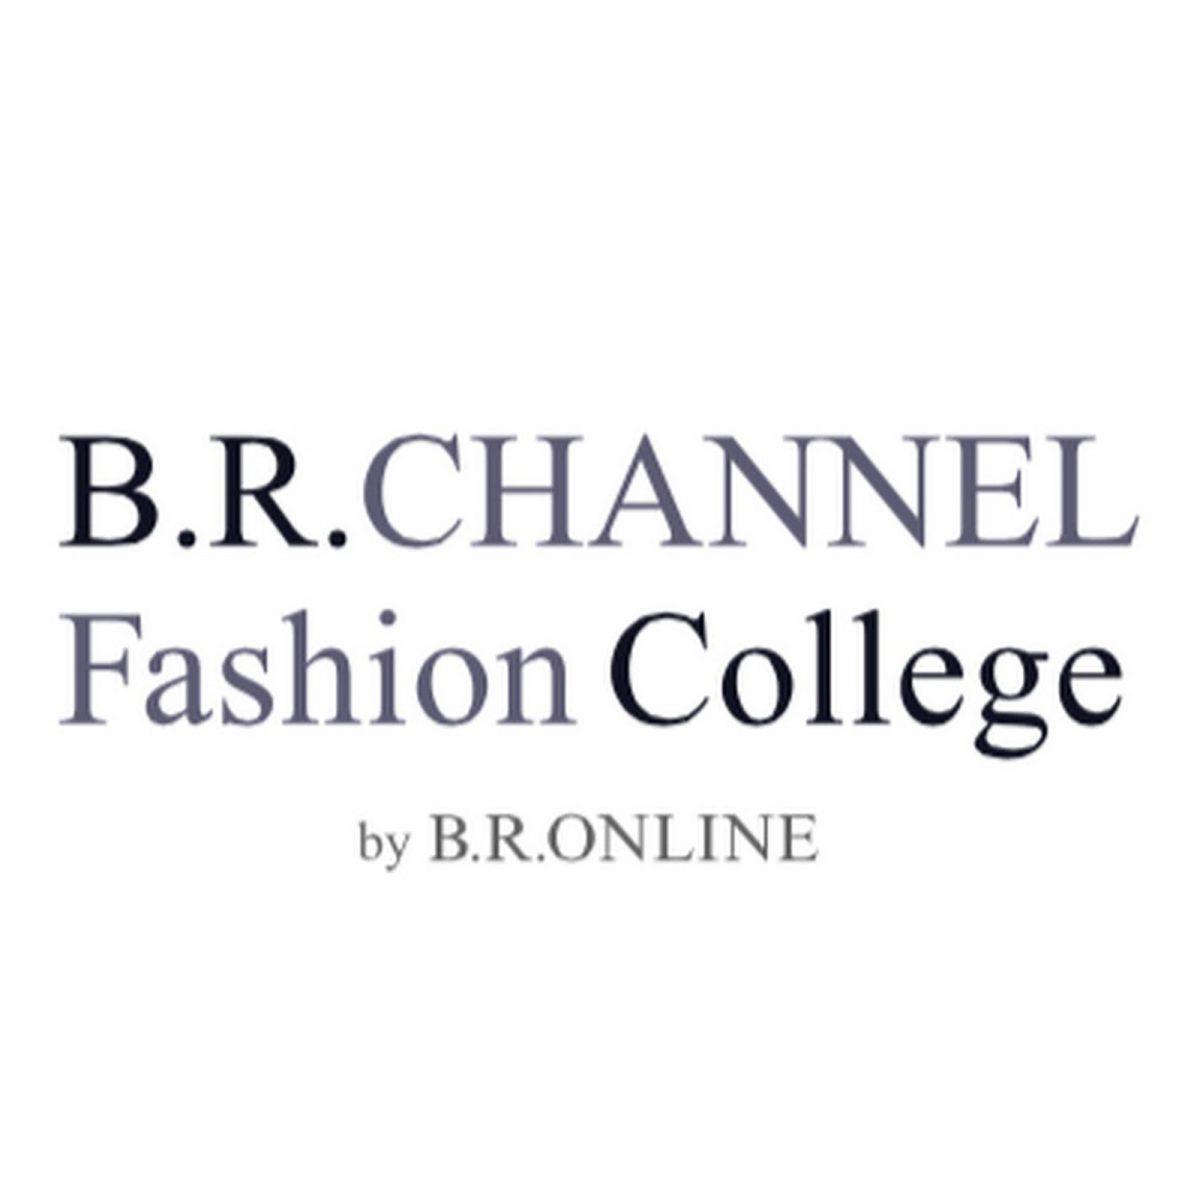 B.R.CHANNEL Fashion Collegeにてご紹介いただいております